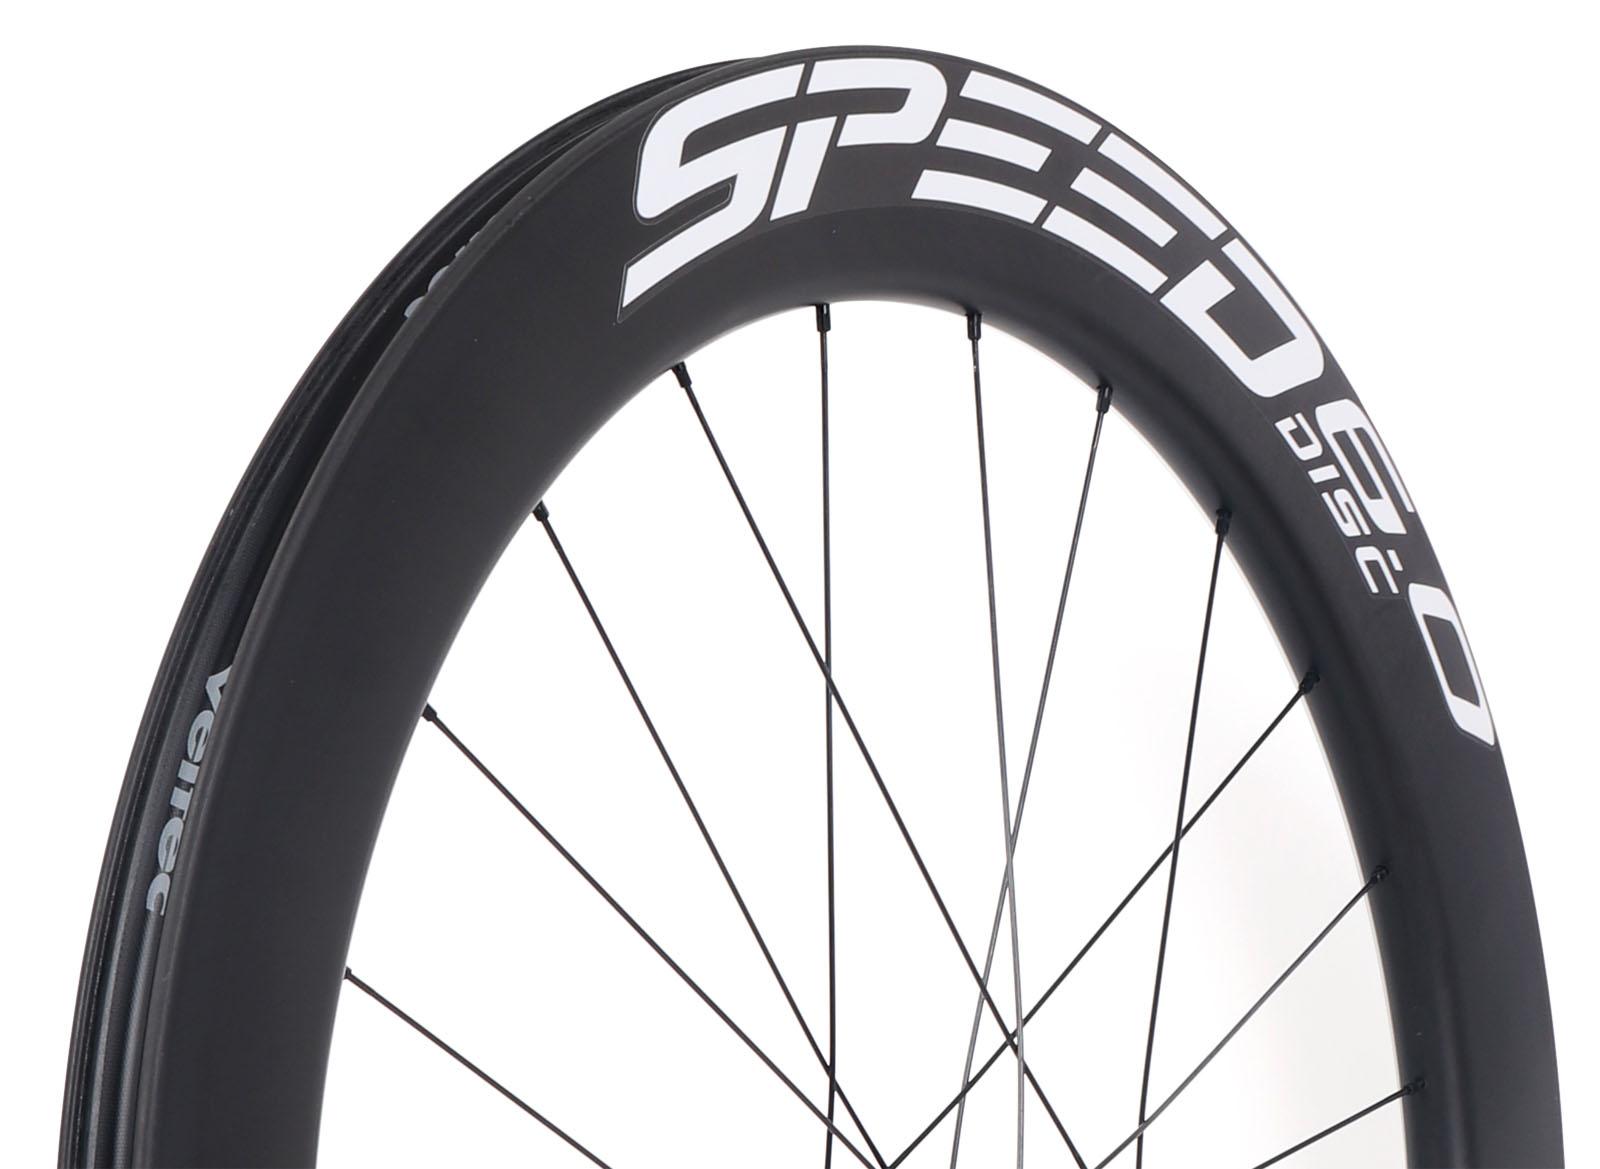 Bild von Veltec Speed 6.0 Disc Carbon Hinterrad - Drahtreifen - 12x142mm - schwarz mit weißen Decals